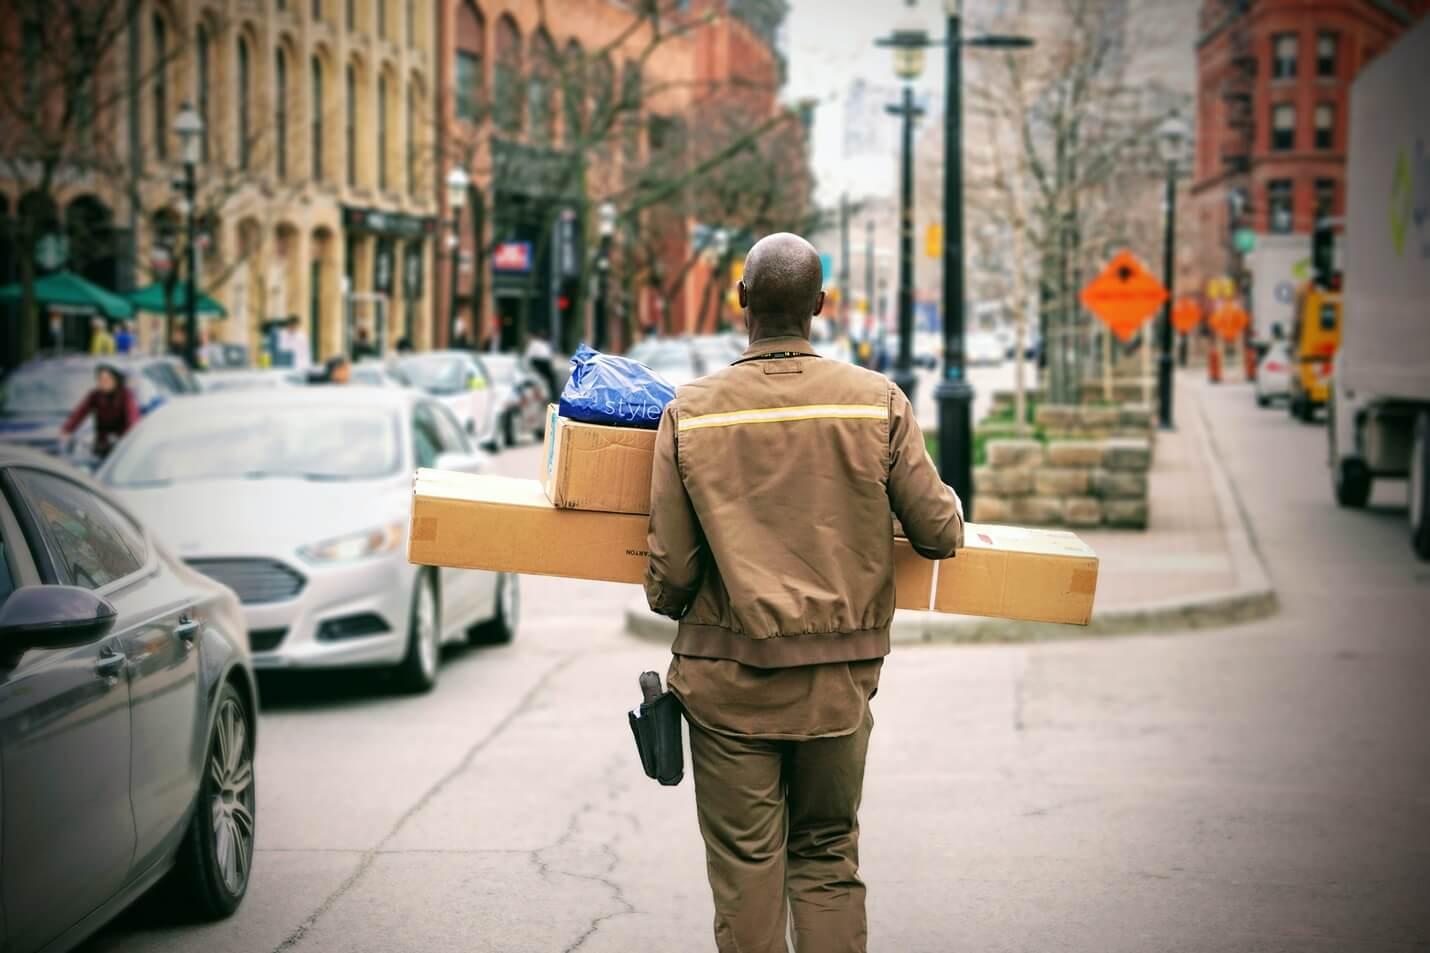 Pakete liefern lassen